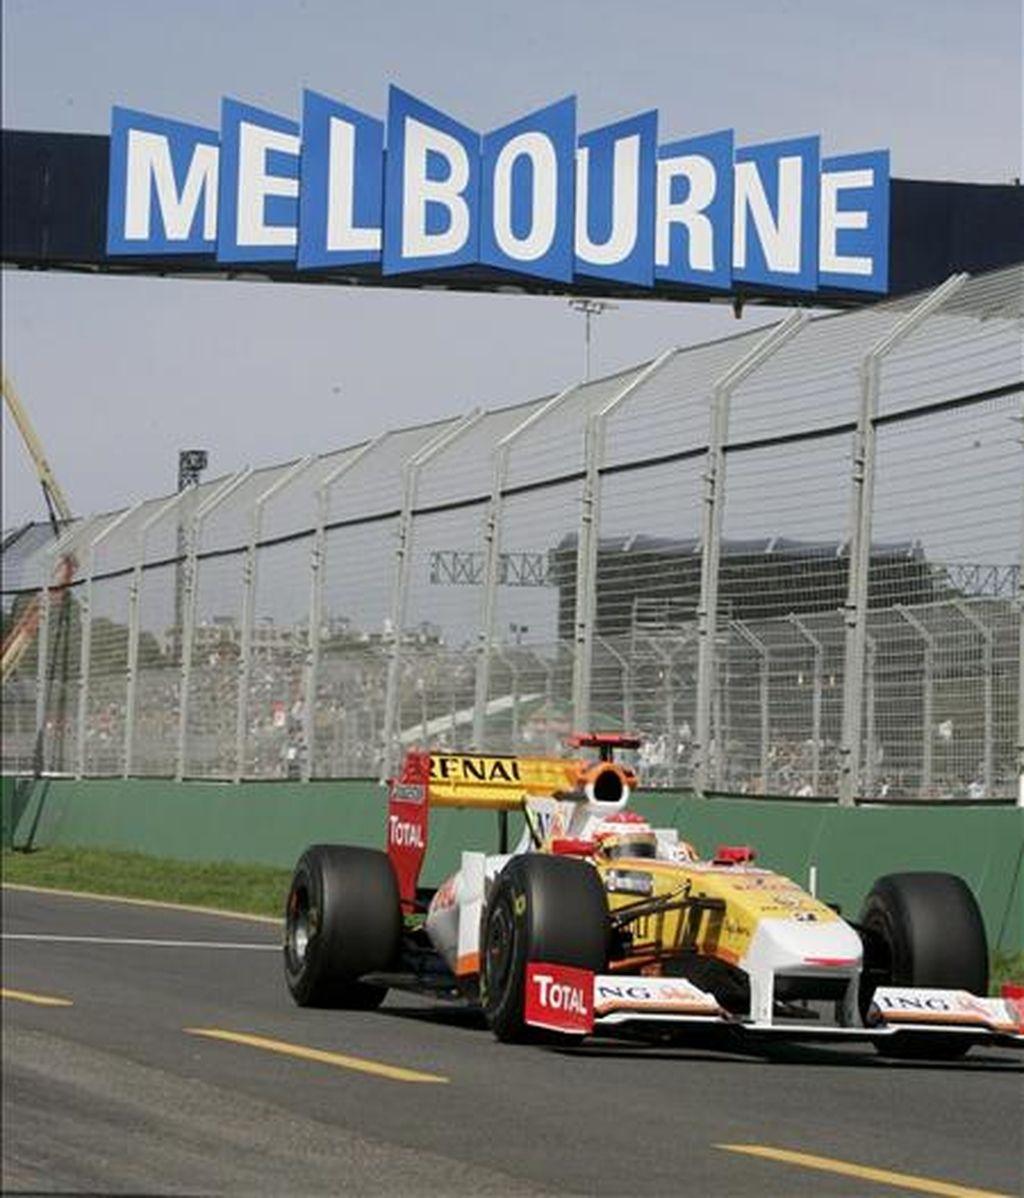 El piloto español de Fórmula Uno Fernando Alonso, de Renault, conduce su monoplaza durante la primera sesión de entrenamientos libres hoy en el circuito Albert Park de Melbourne (Australia). EFE